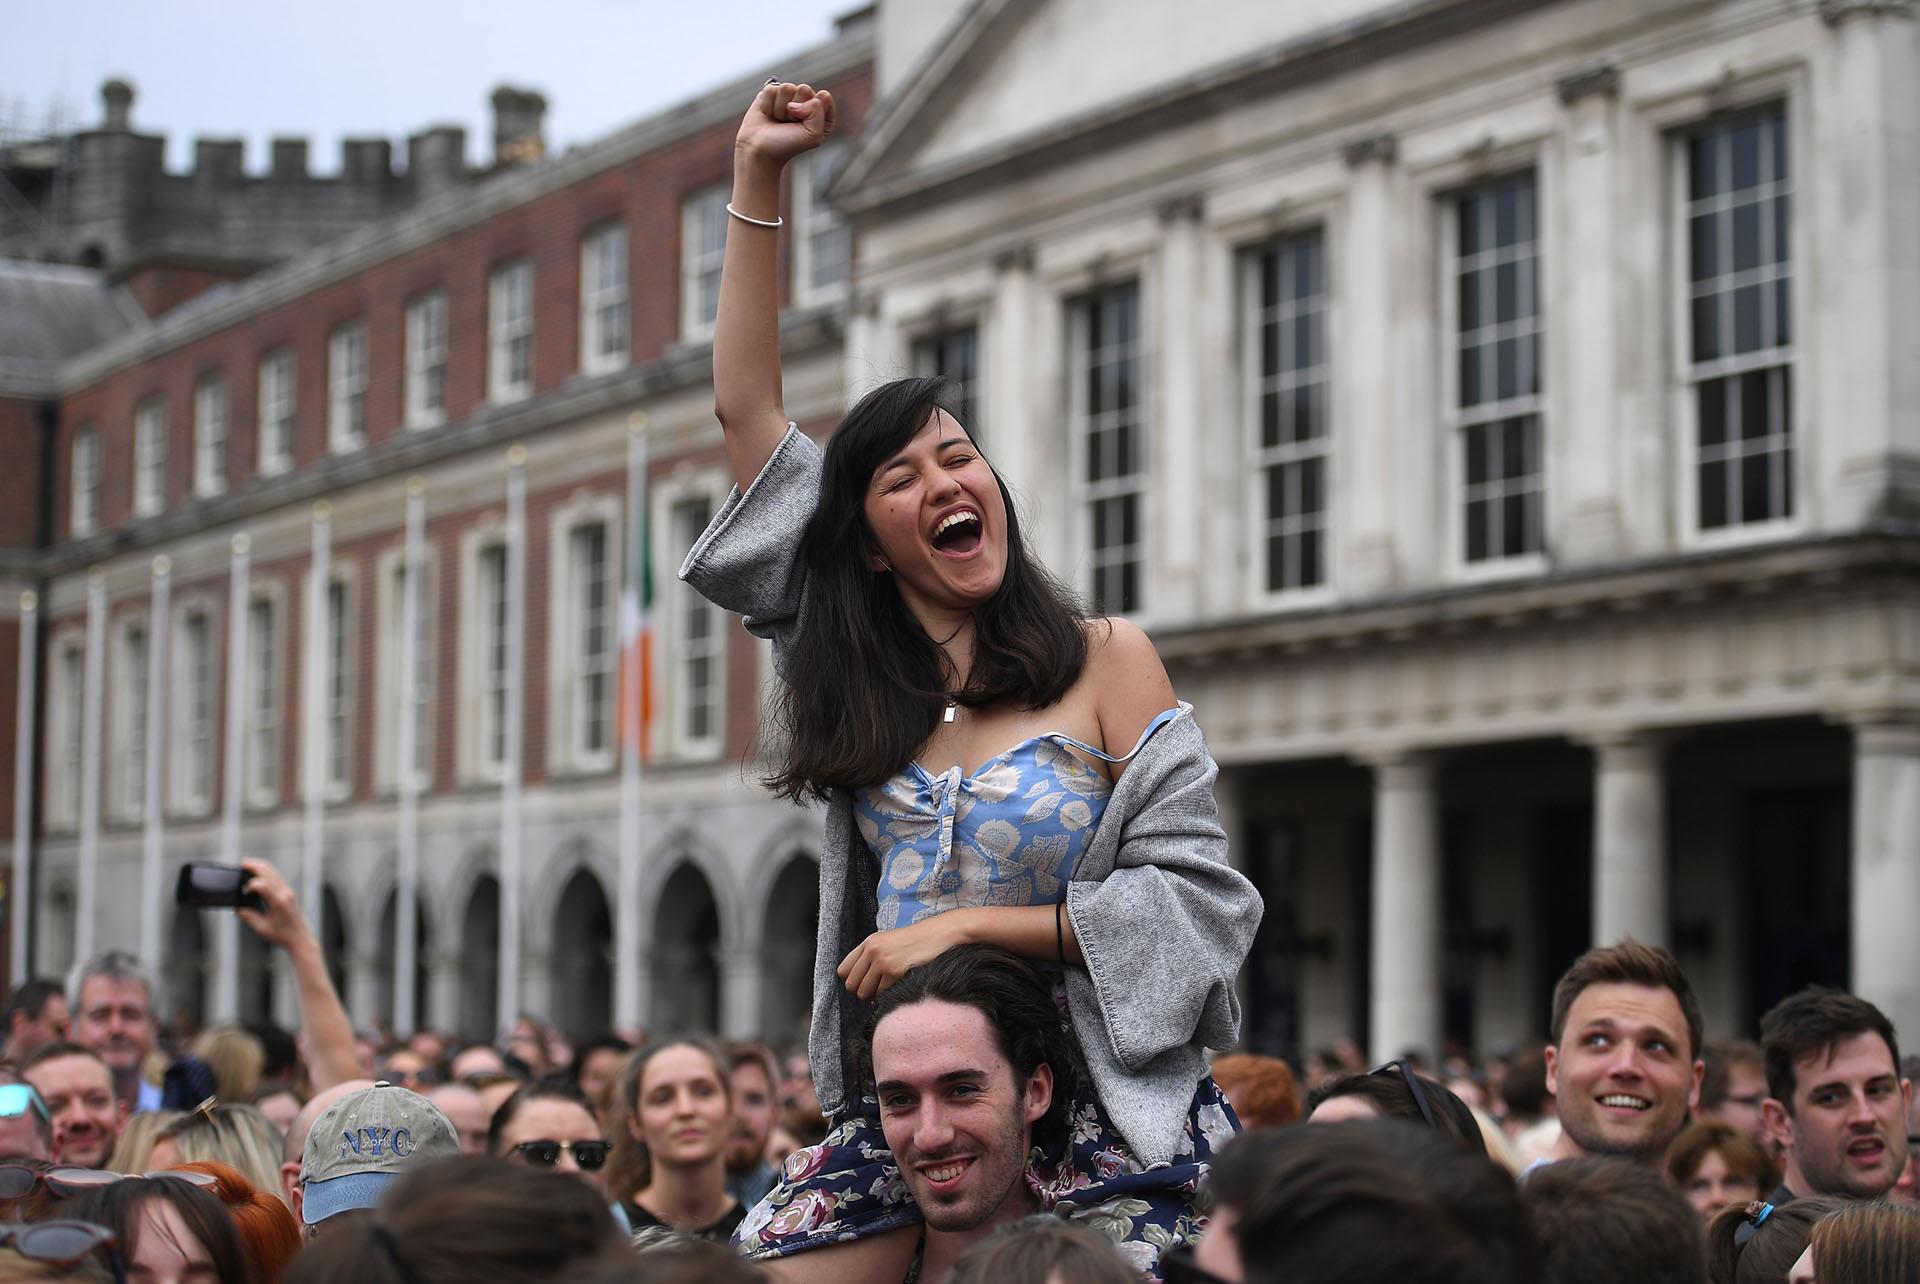 Miles de personas celebraron en Dublin los resultados del referéndum que resultó a favor de la legalización del aborto (REUTERS/Clodagh Kilcoyne)